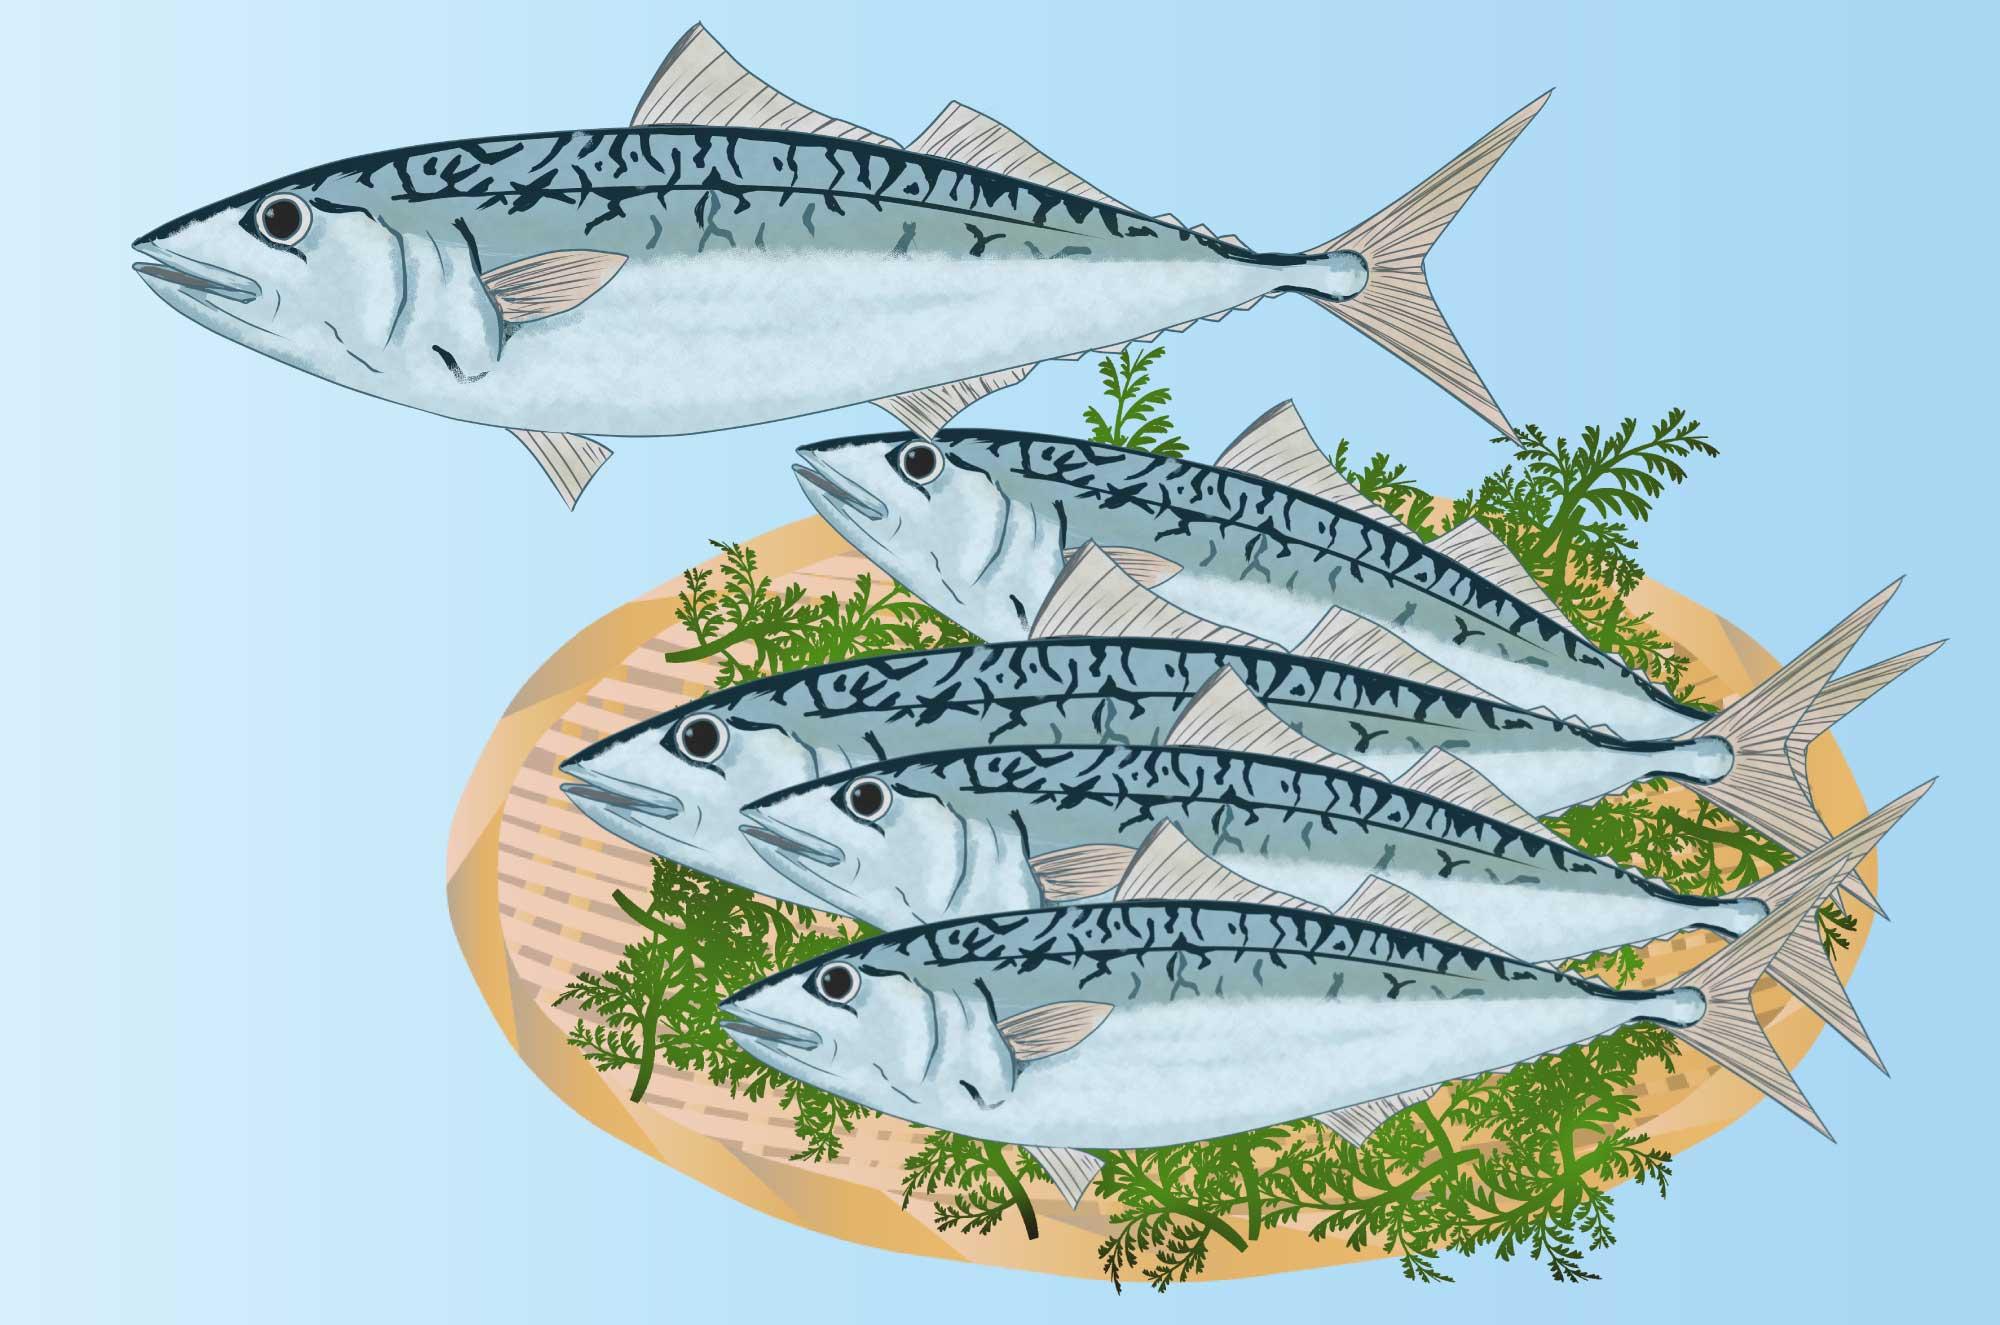 サバのイラスト - 海を自由に泳ぐ魚の無料素材